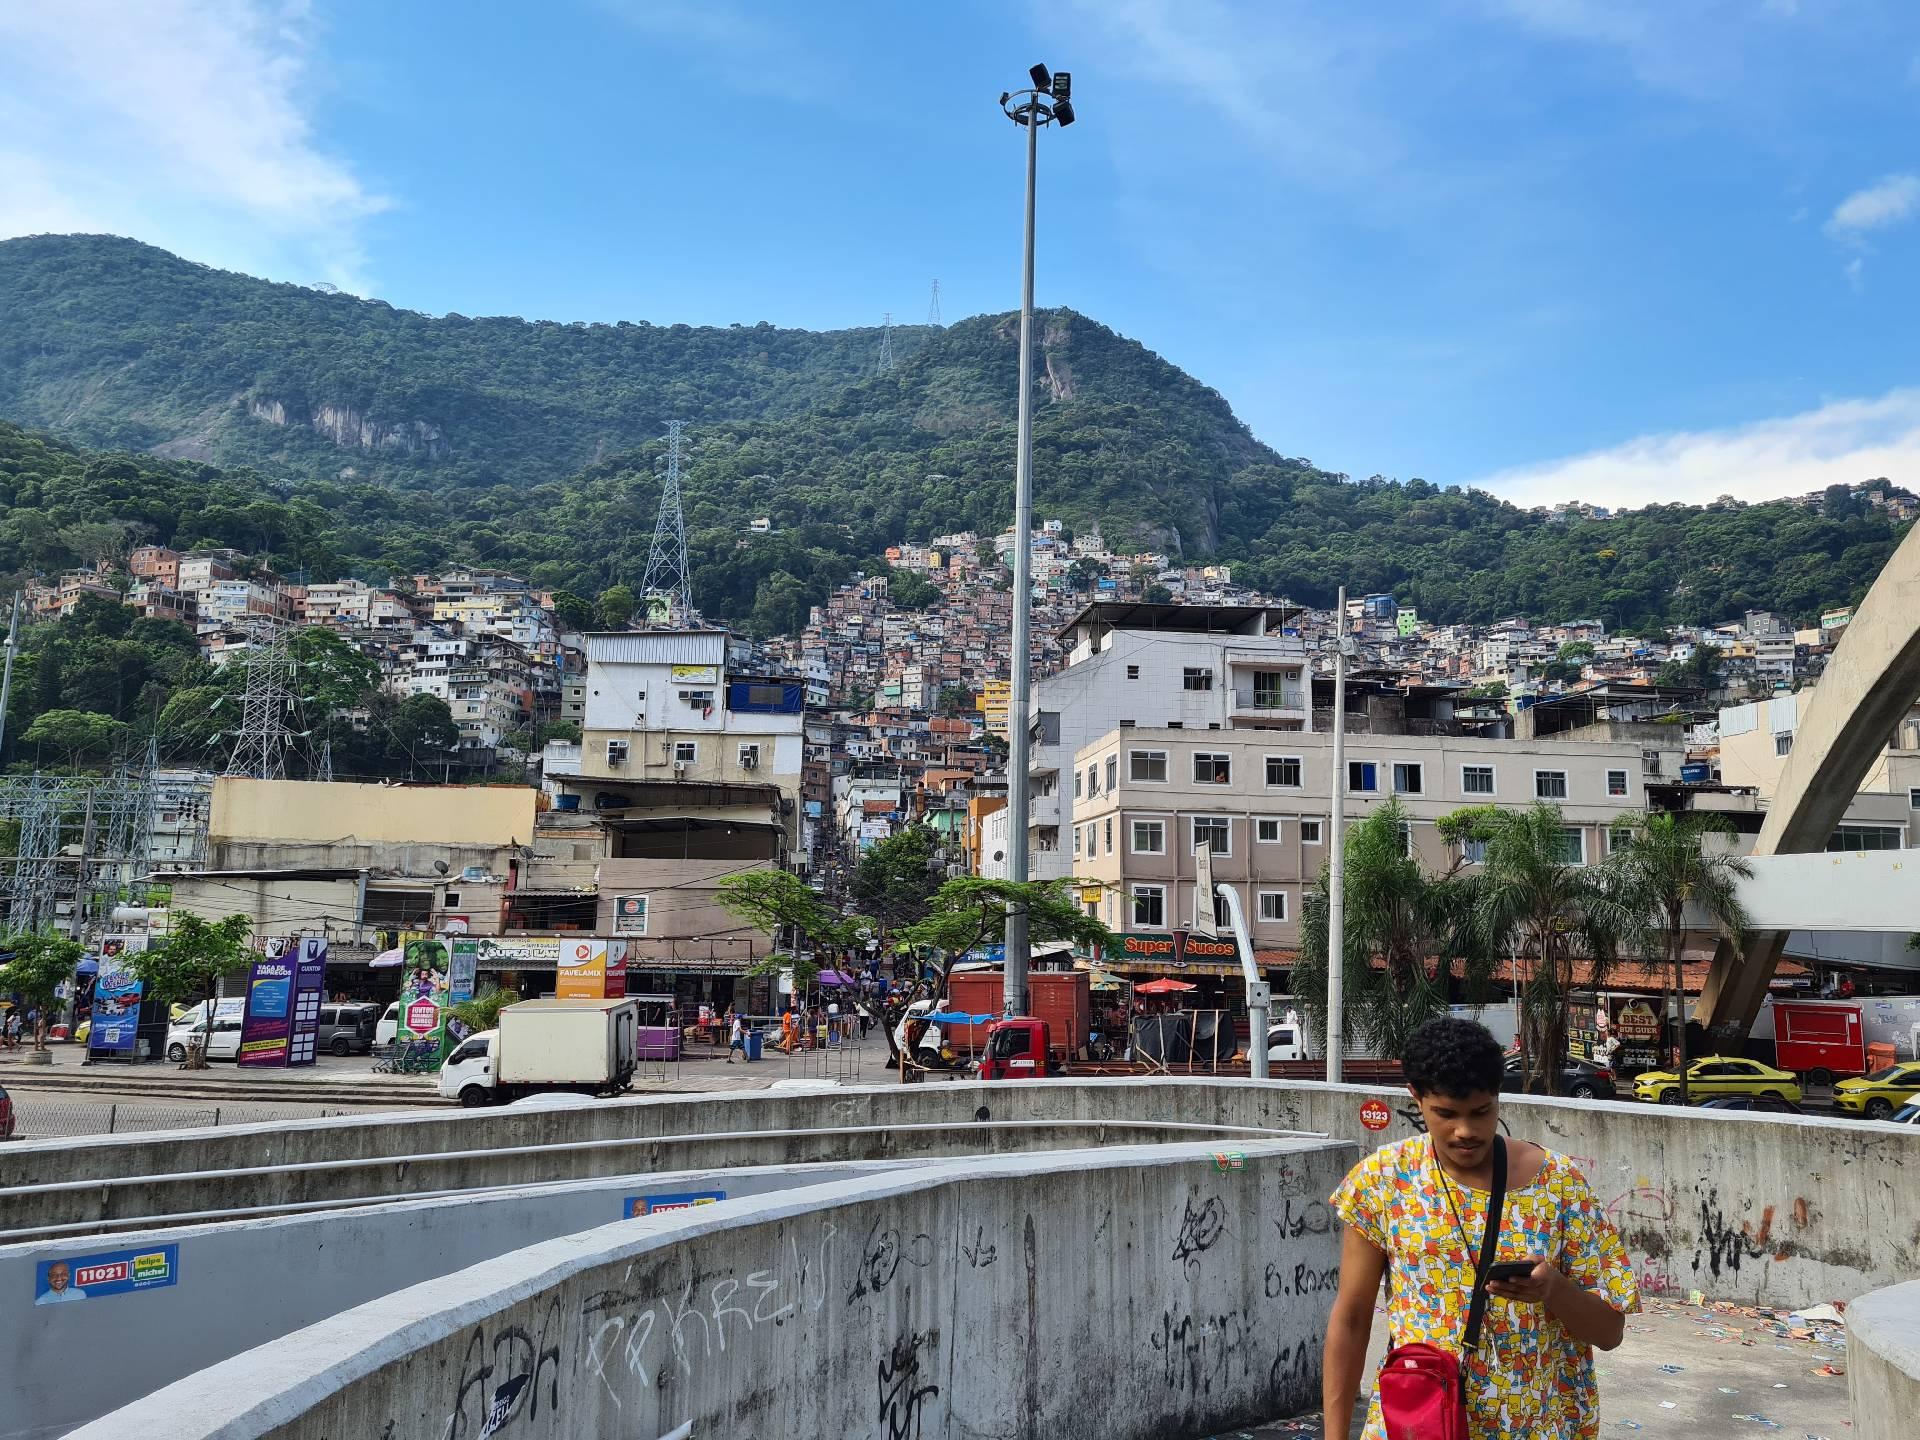 фавела Росинья в Рио-де-Жанейро